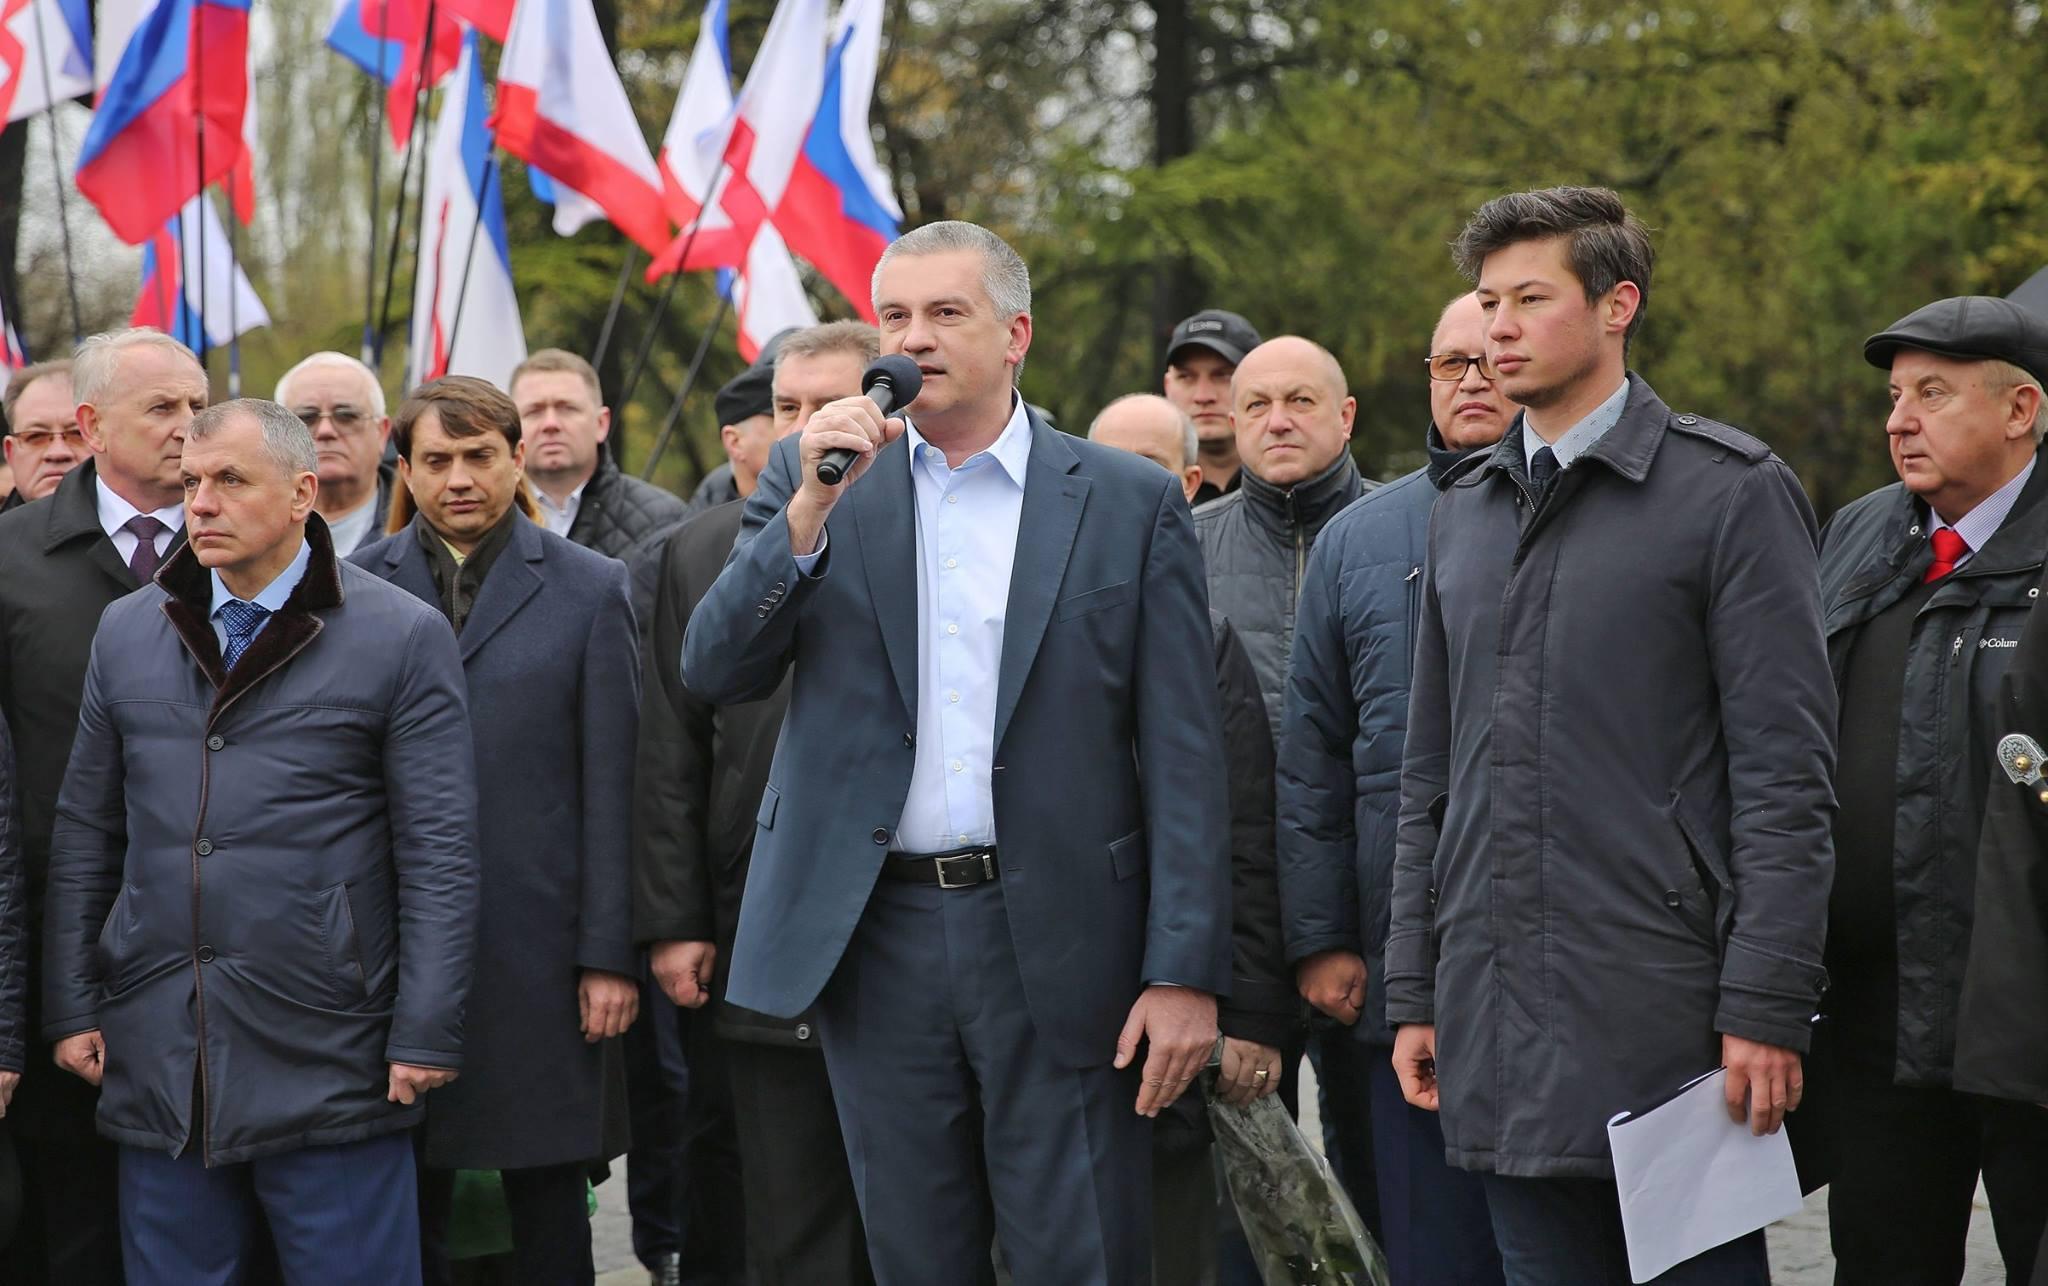 Сергей Аксенов: «Благодаря Манифесту, в Крыму наступил мир!»